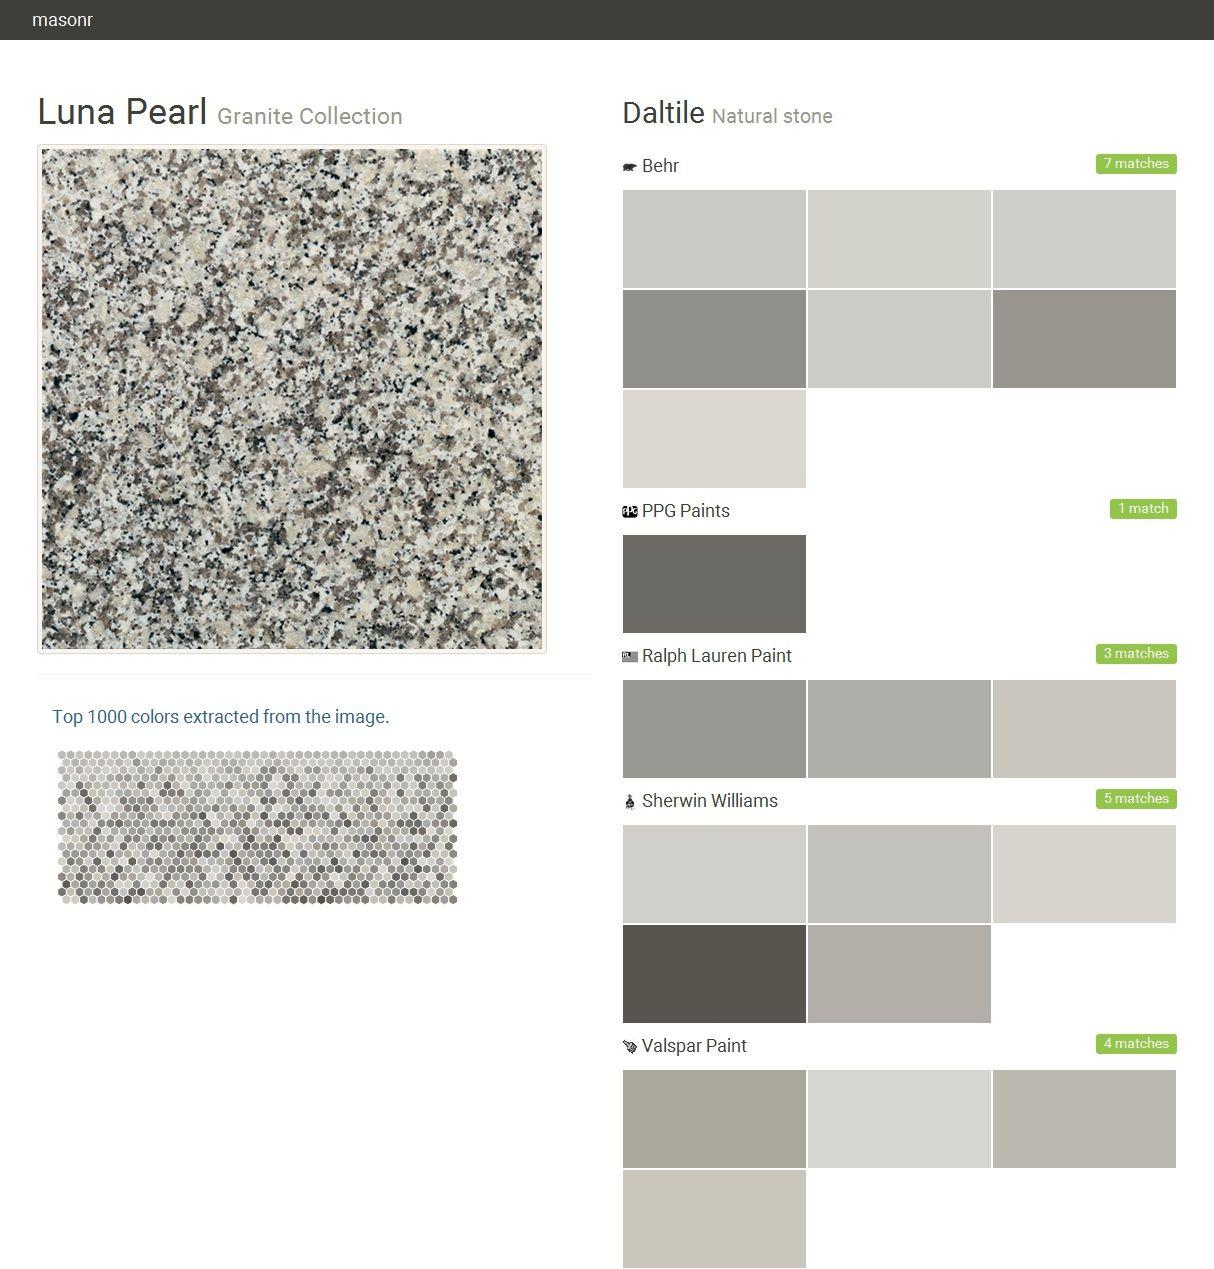 Luna Pearl Granite Collection Natural Stone Daltile Behr Ppg